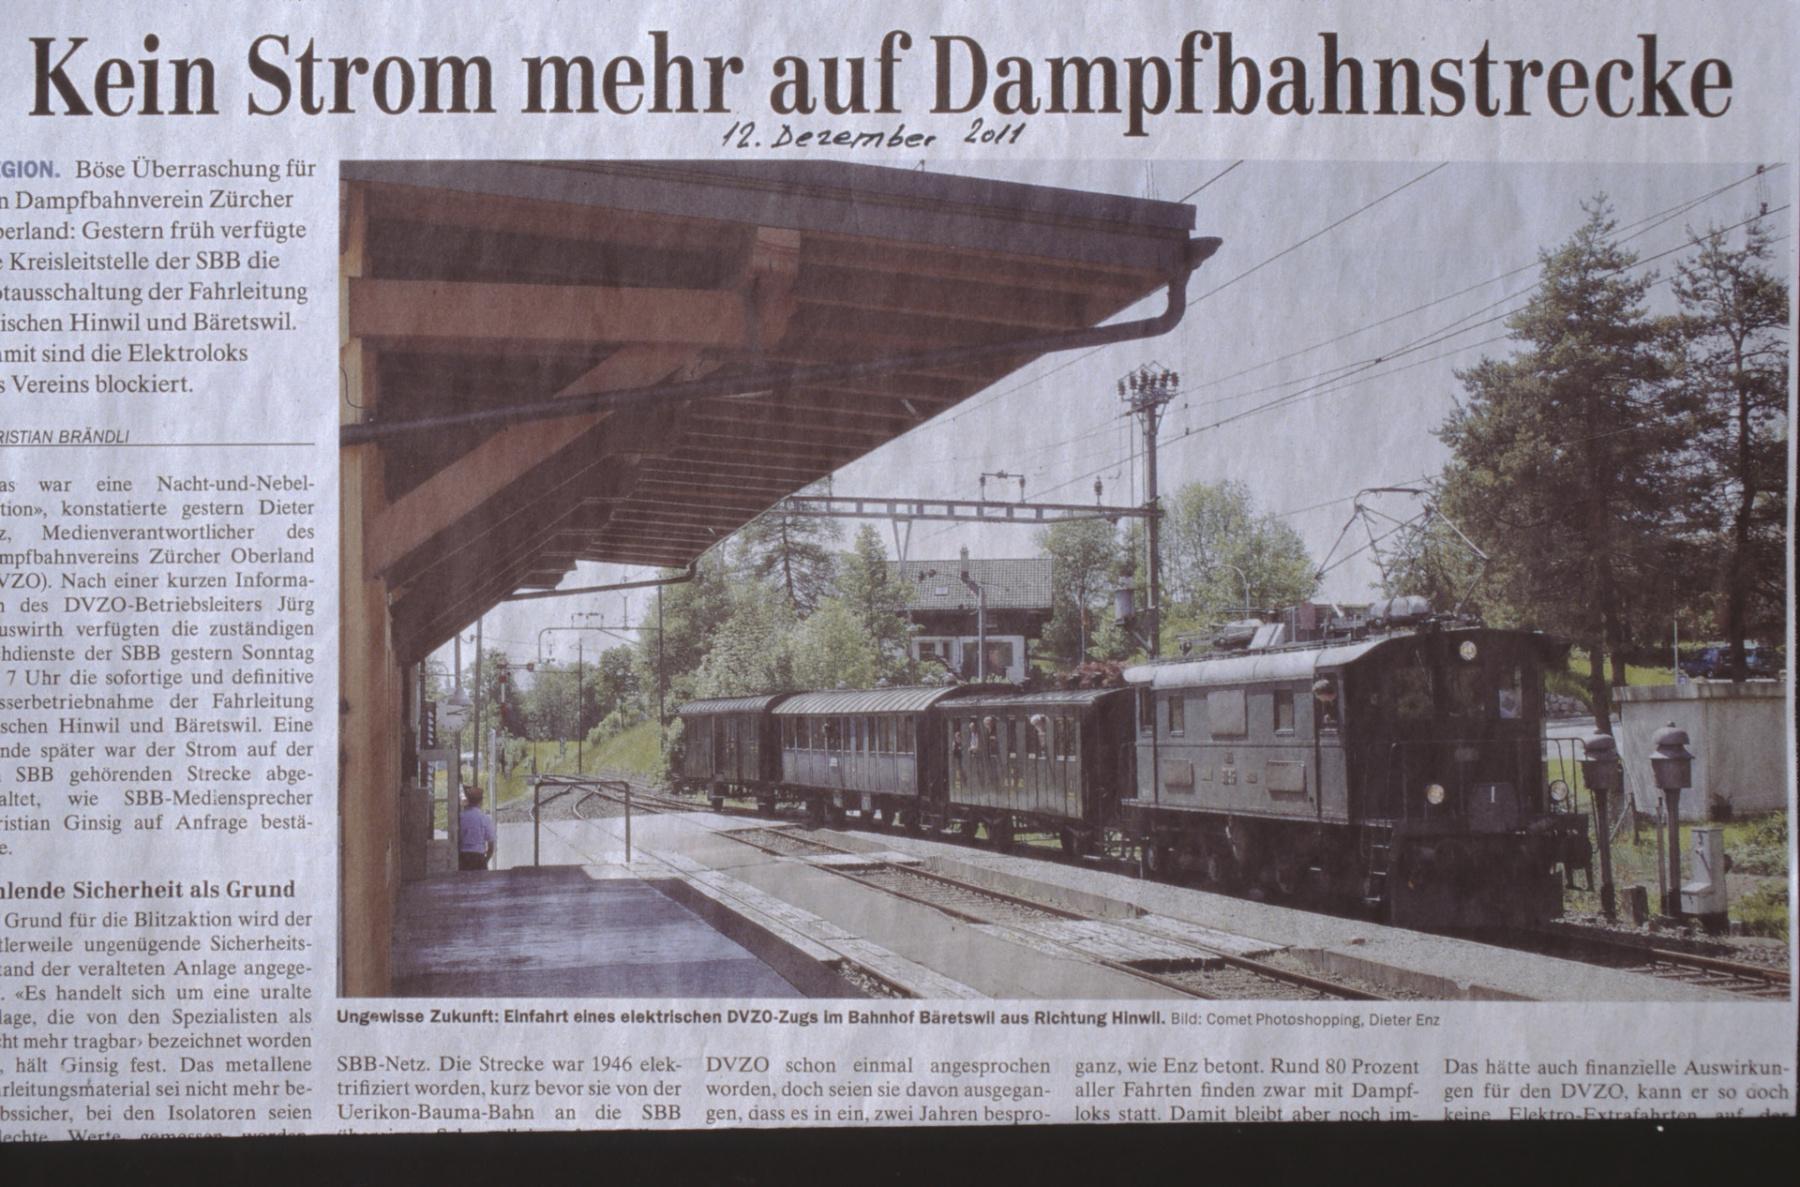 Kein Strom mehr auf Dampfbahnstrecke